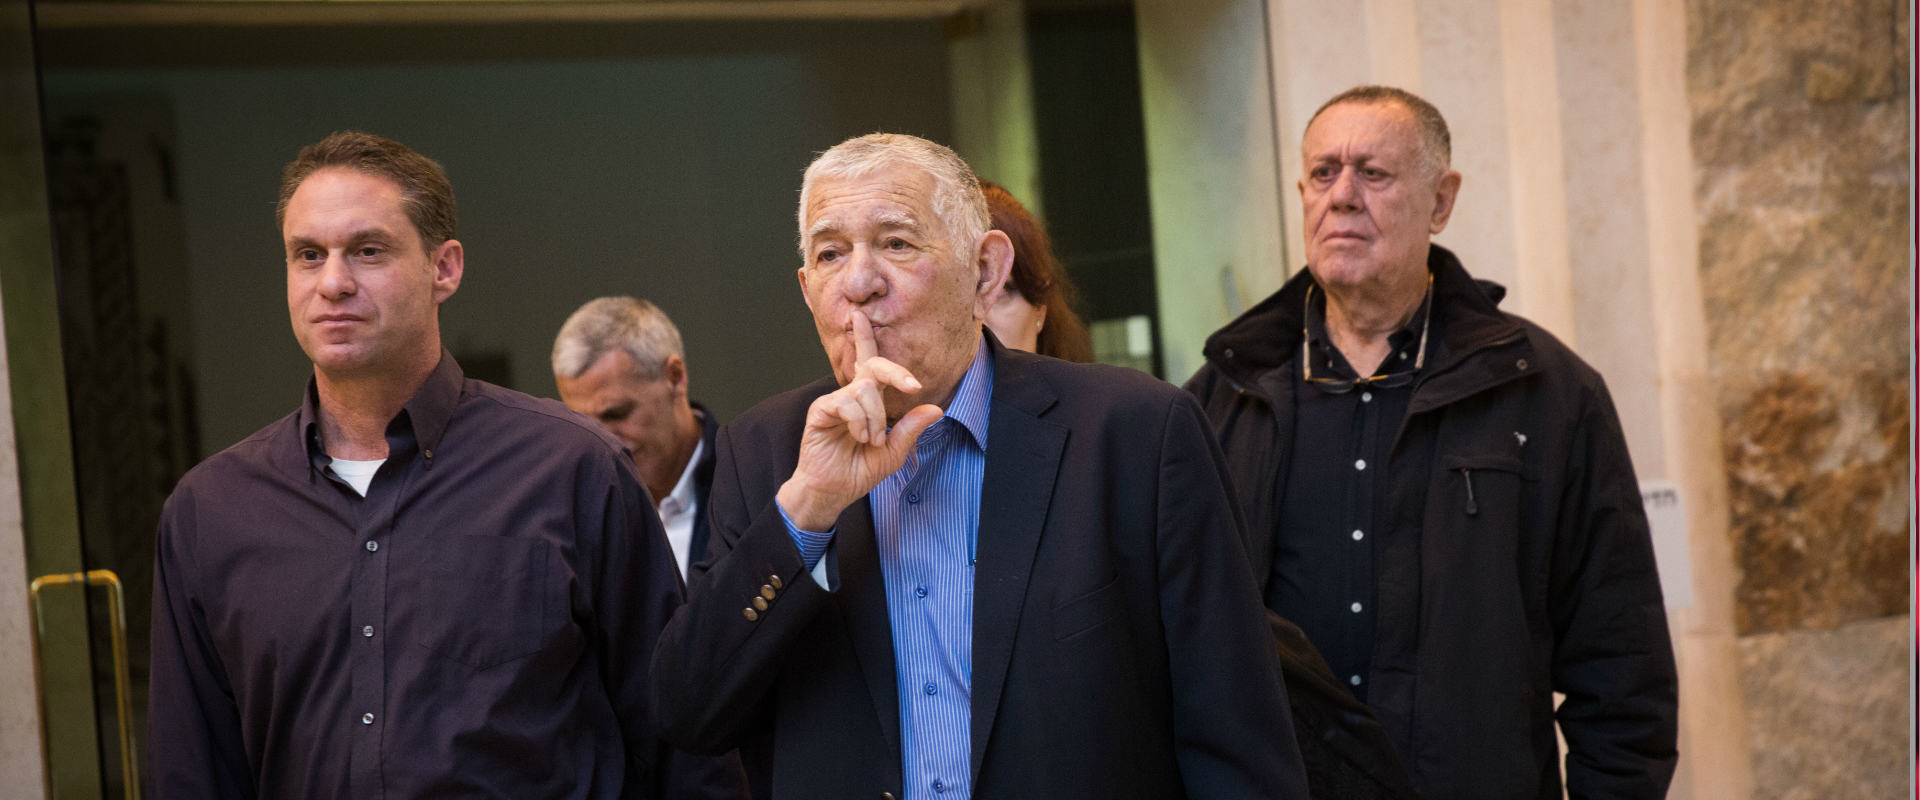 ראש עיריית רמת גן לשעבר, צבי בר